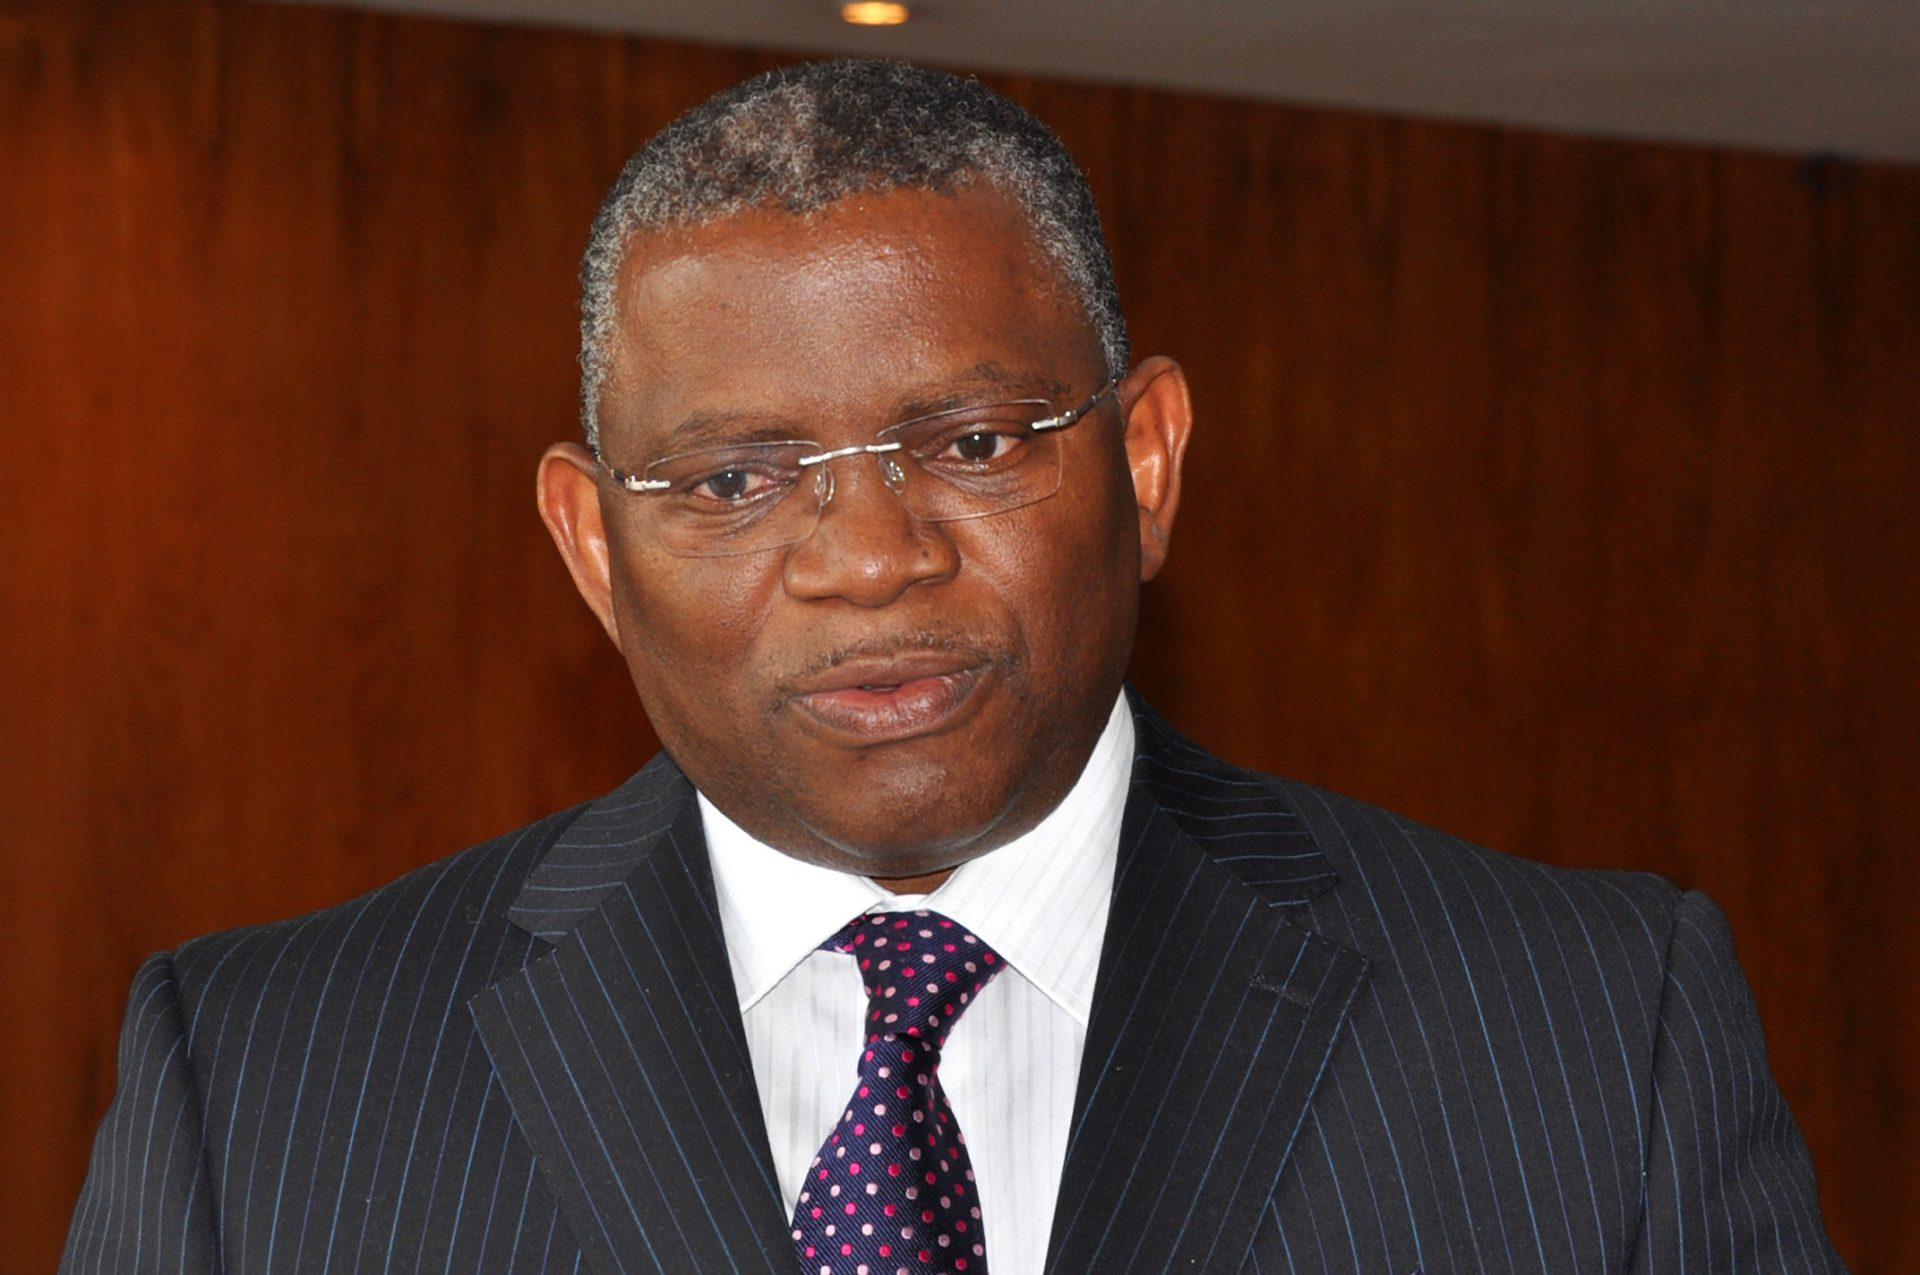 George Chikoti, Ministro das Relações Exteriores de Angola.